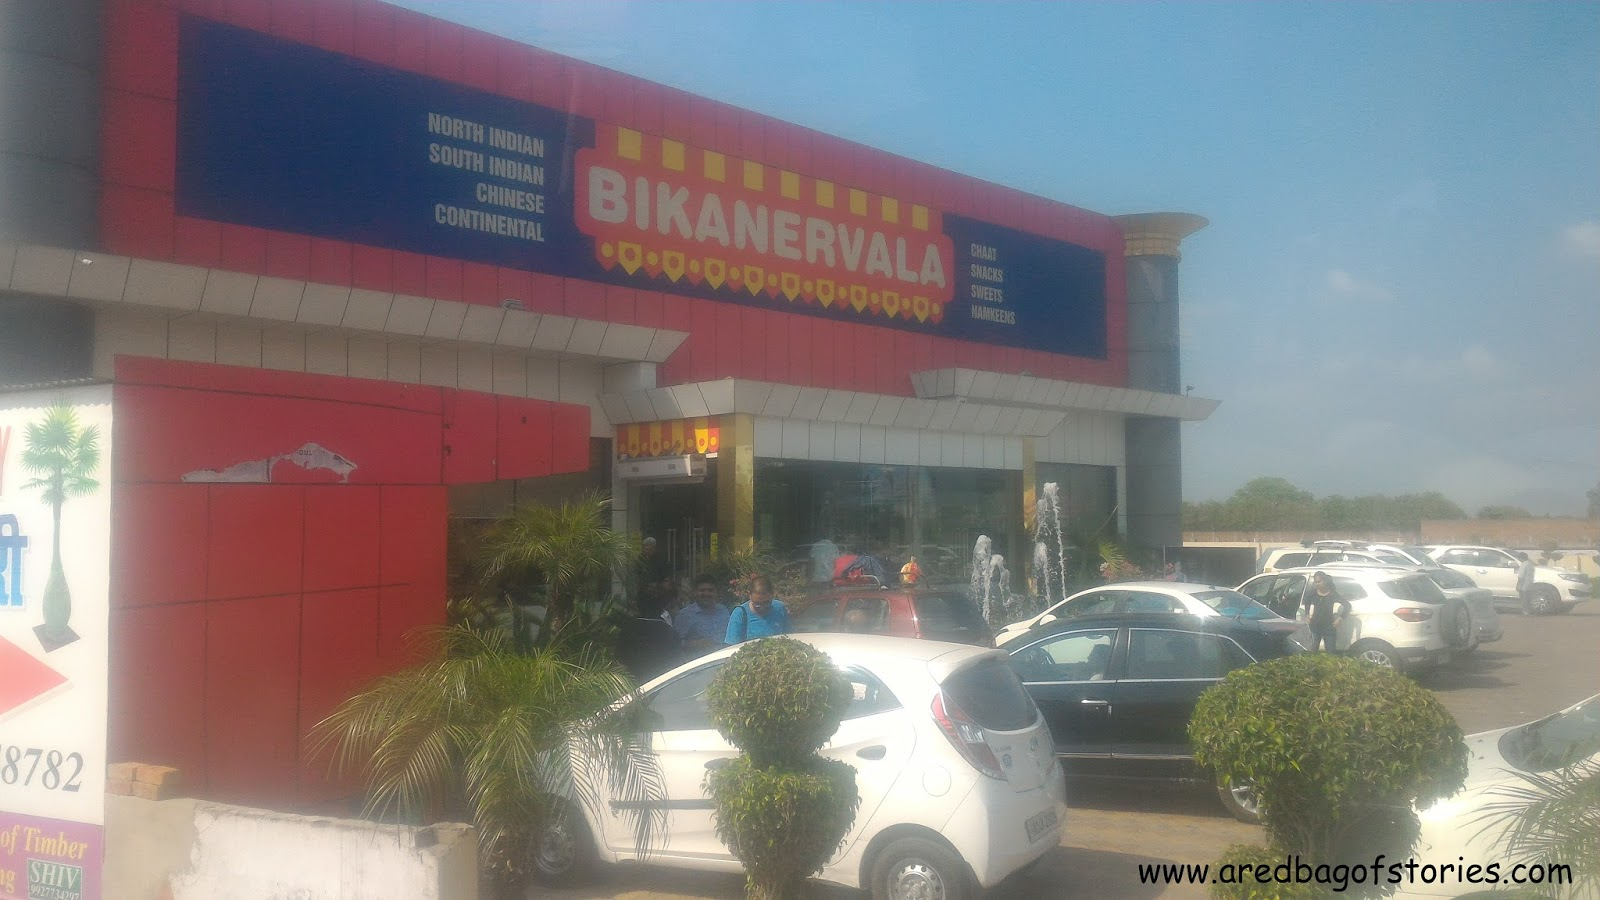 Bikanervala Gajraula